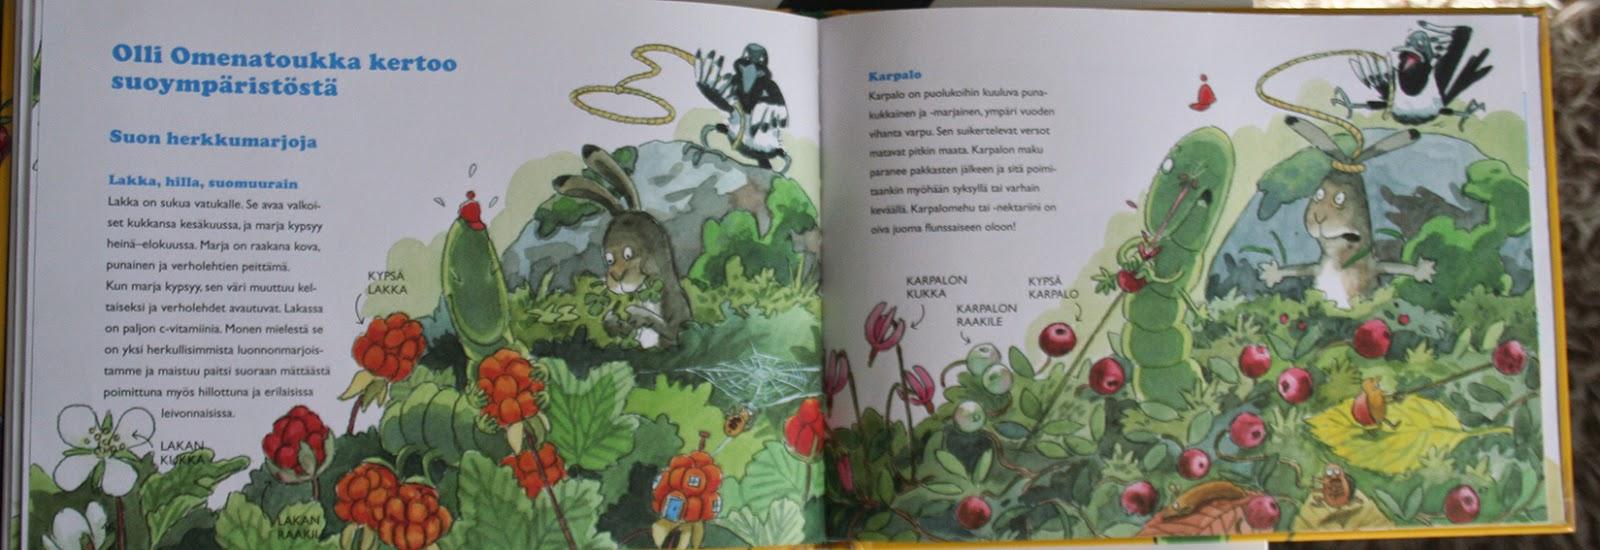 Finnish swamp berries